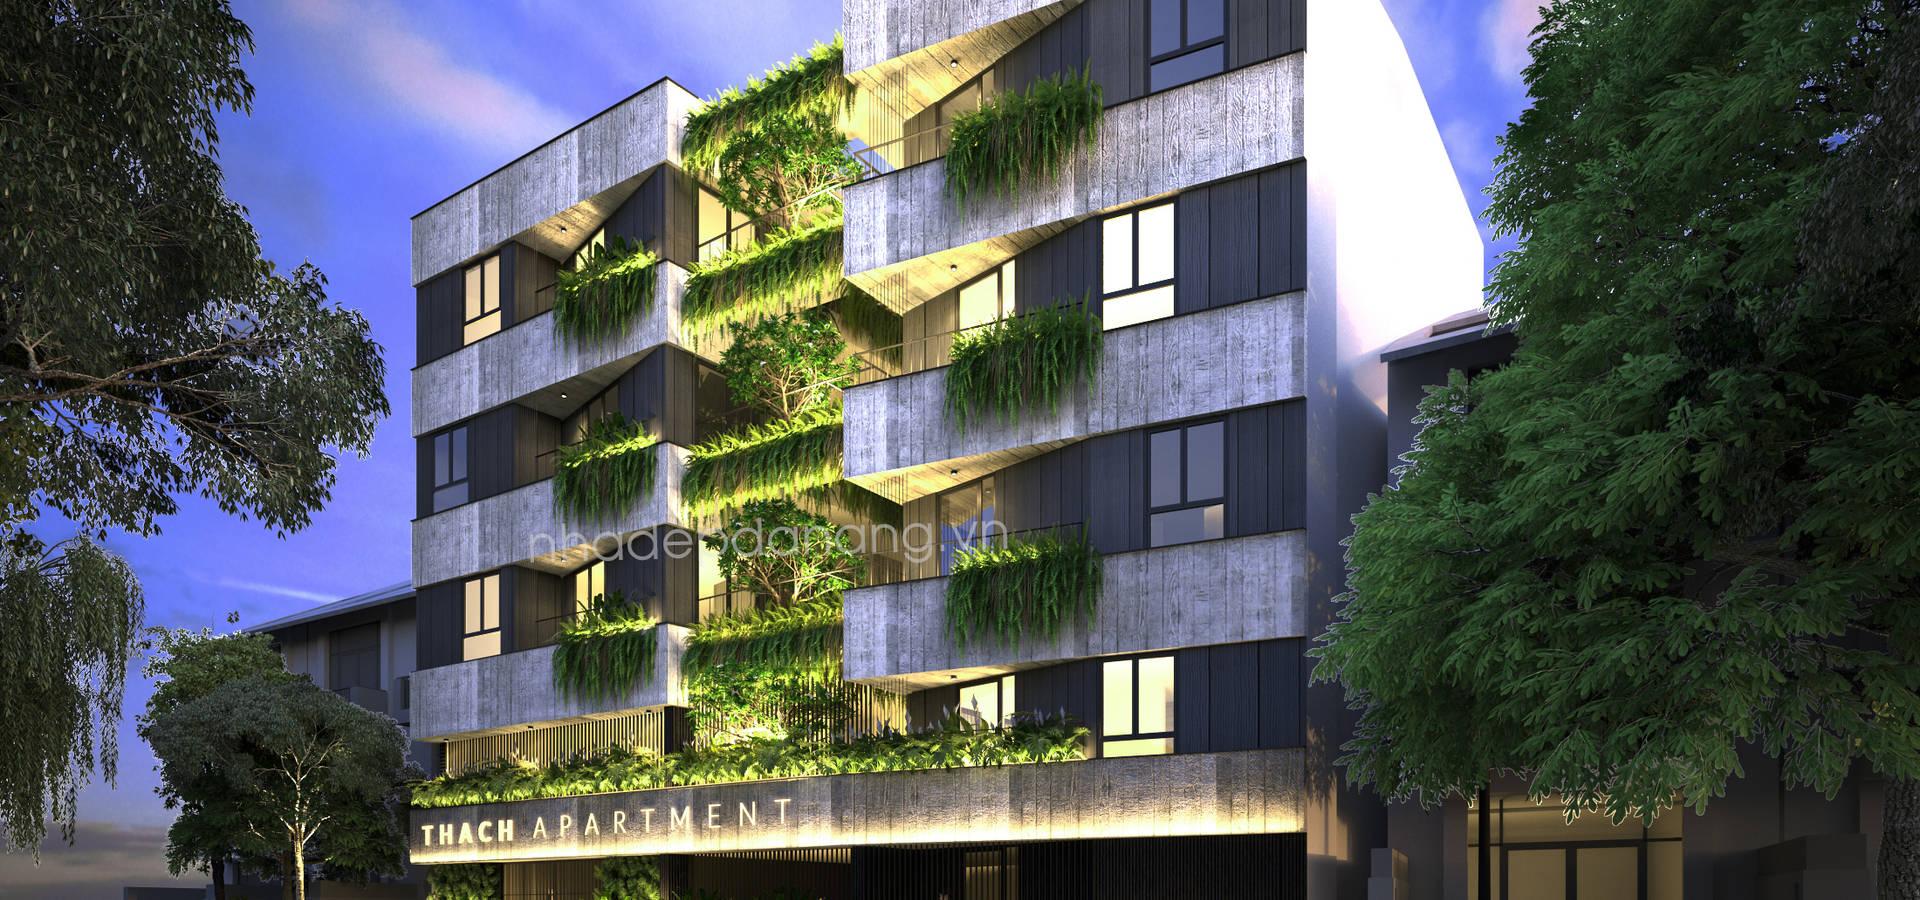 AVA Architecture